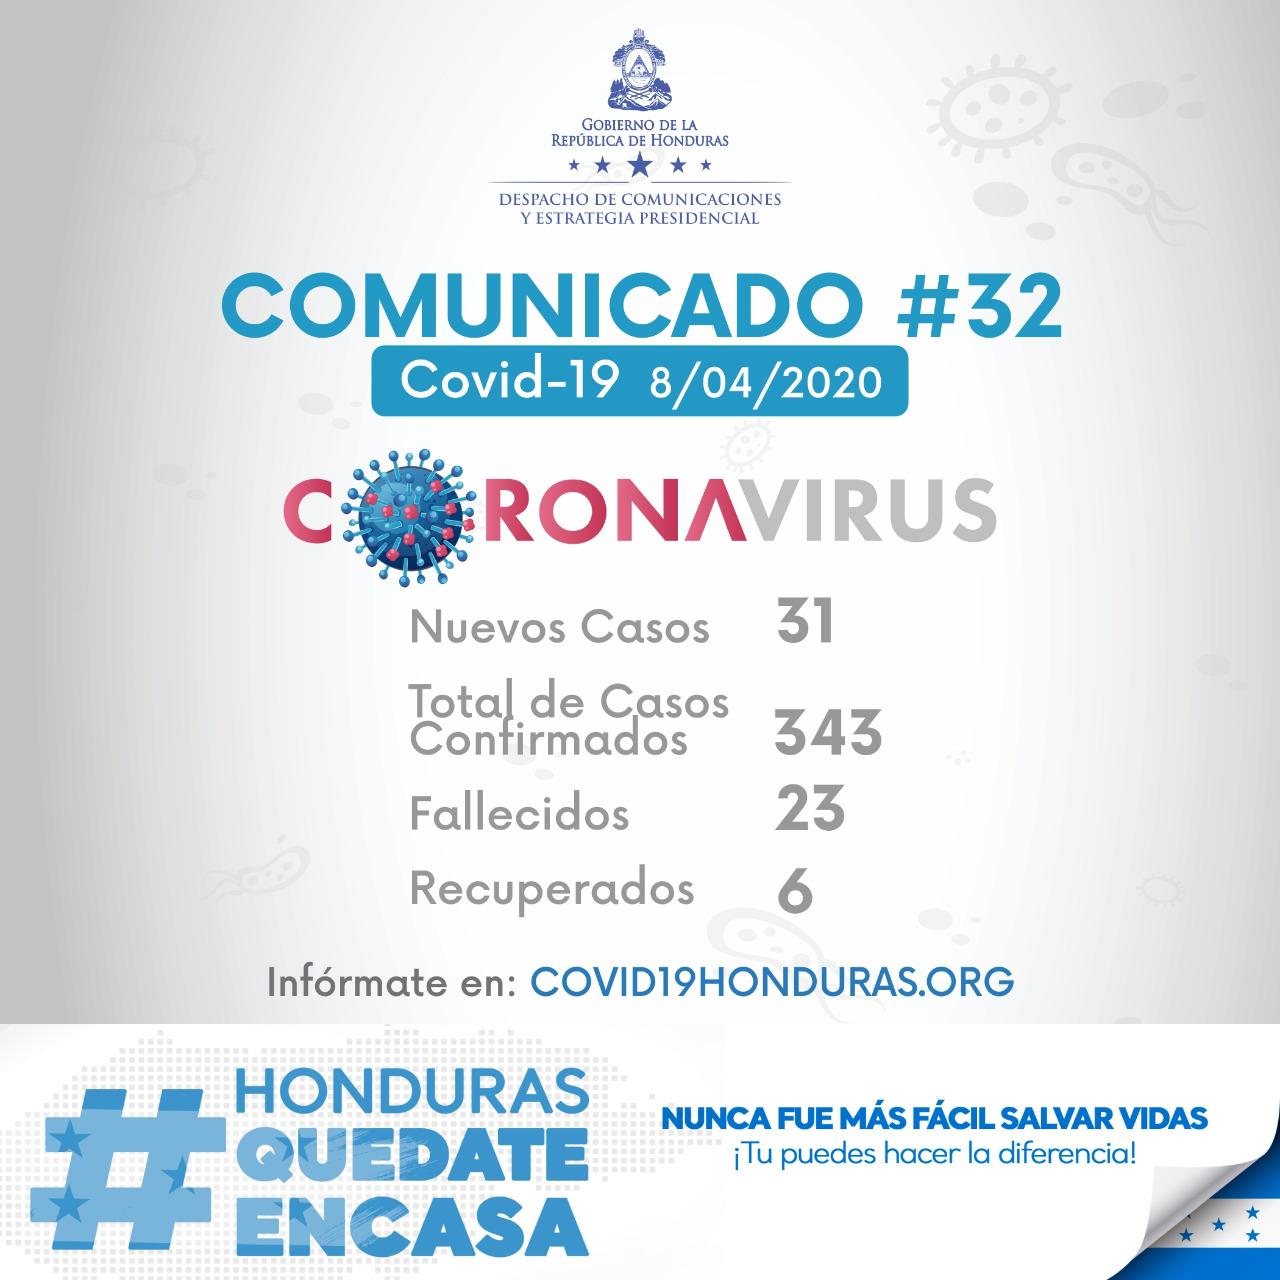 Casos positivos de coronavirus suben a 343 hondureños, confirman 31 nuevos